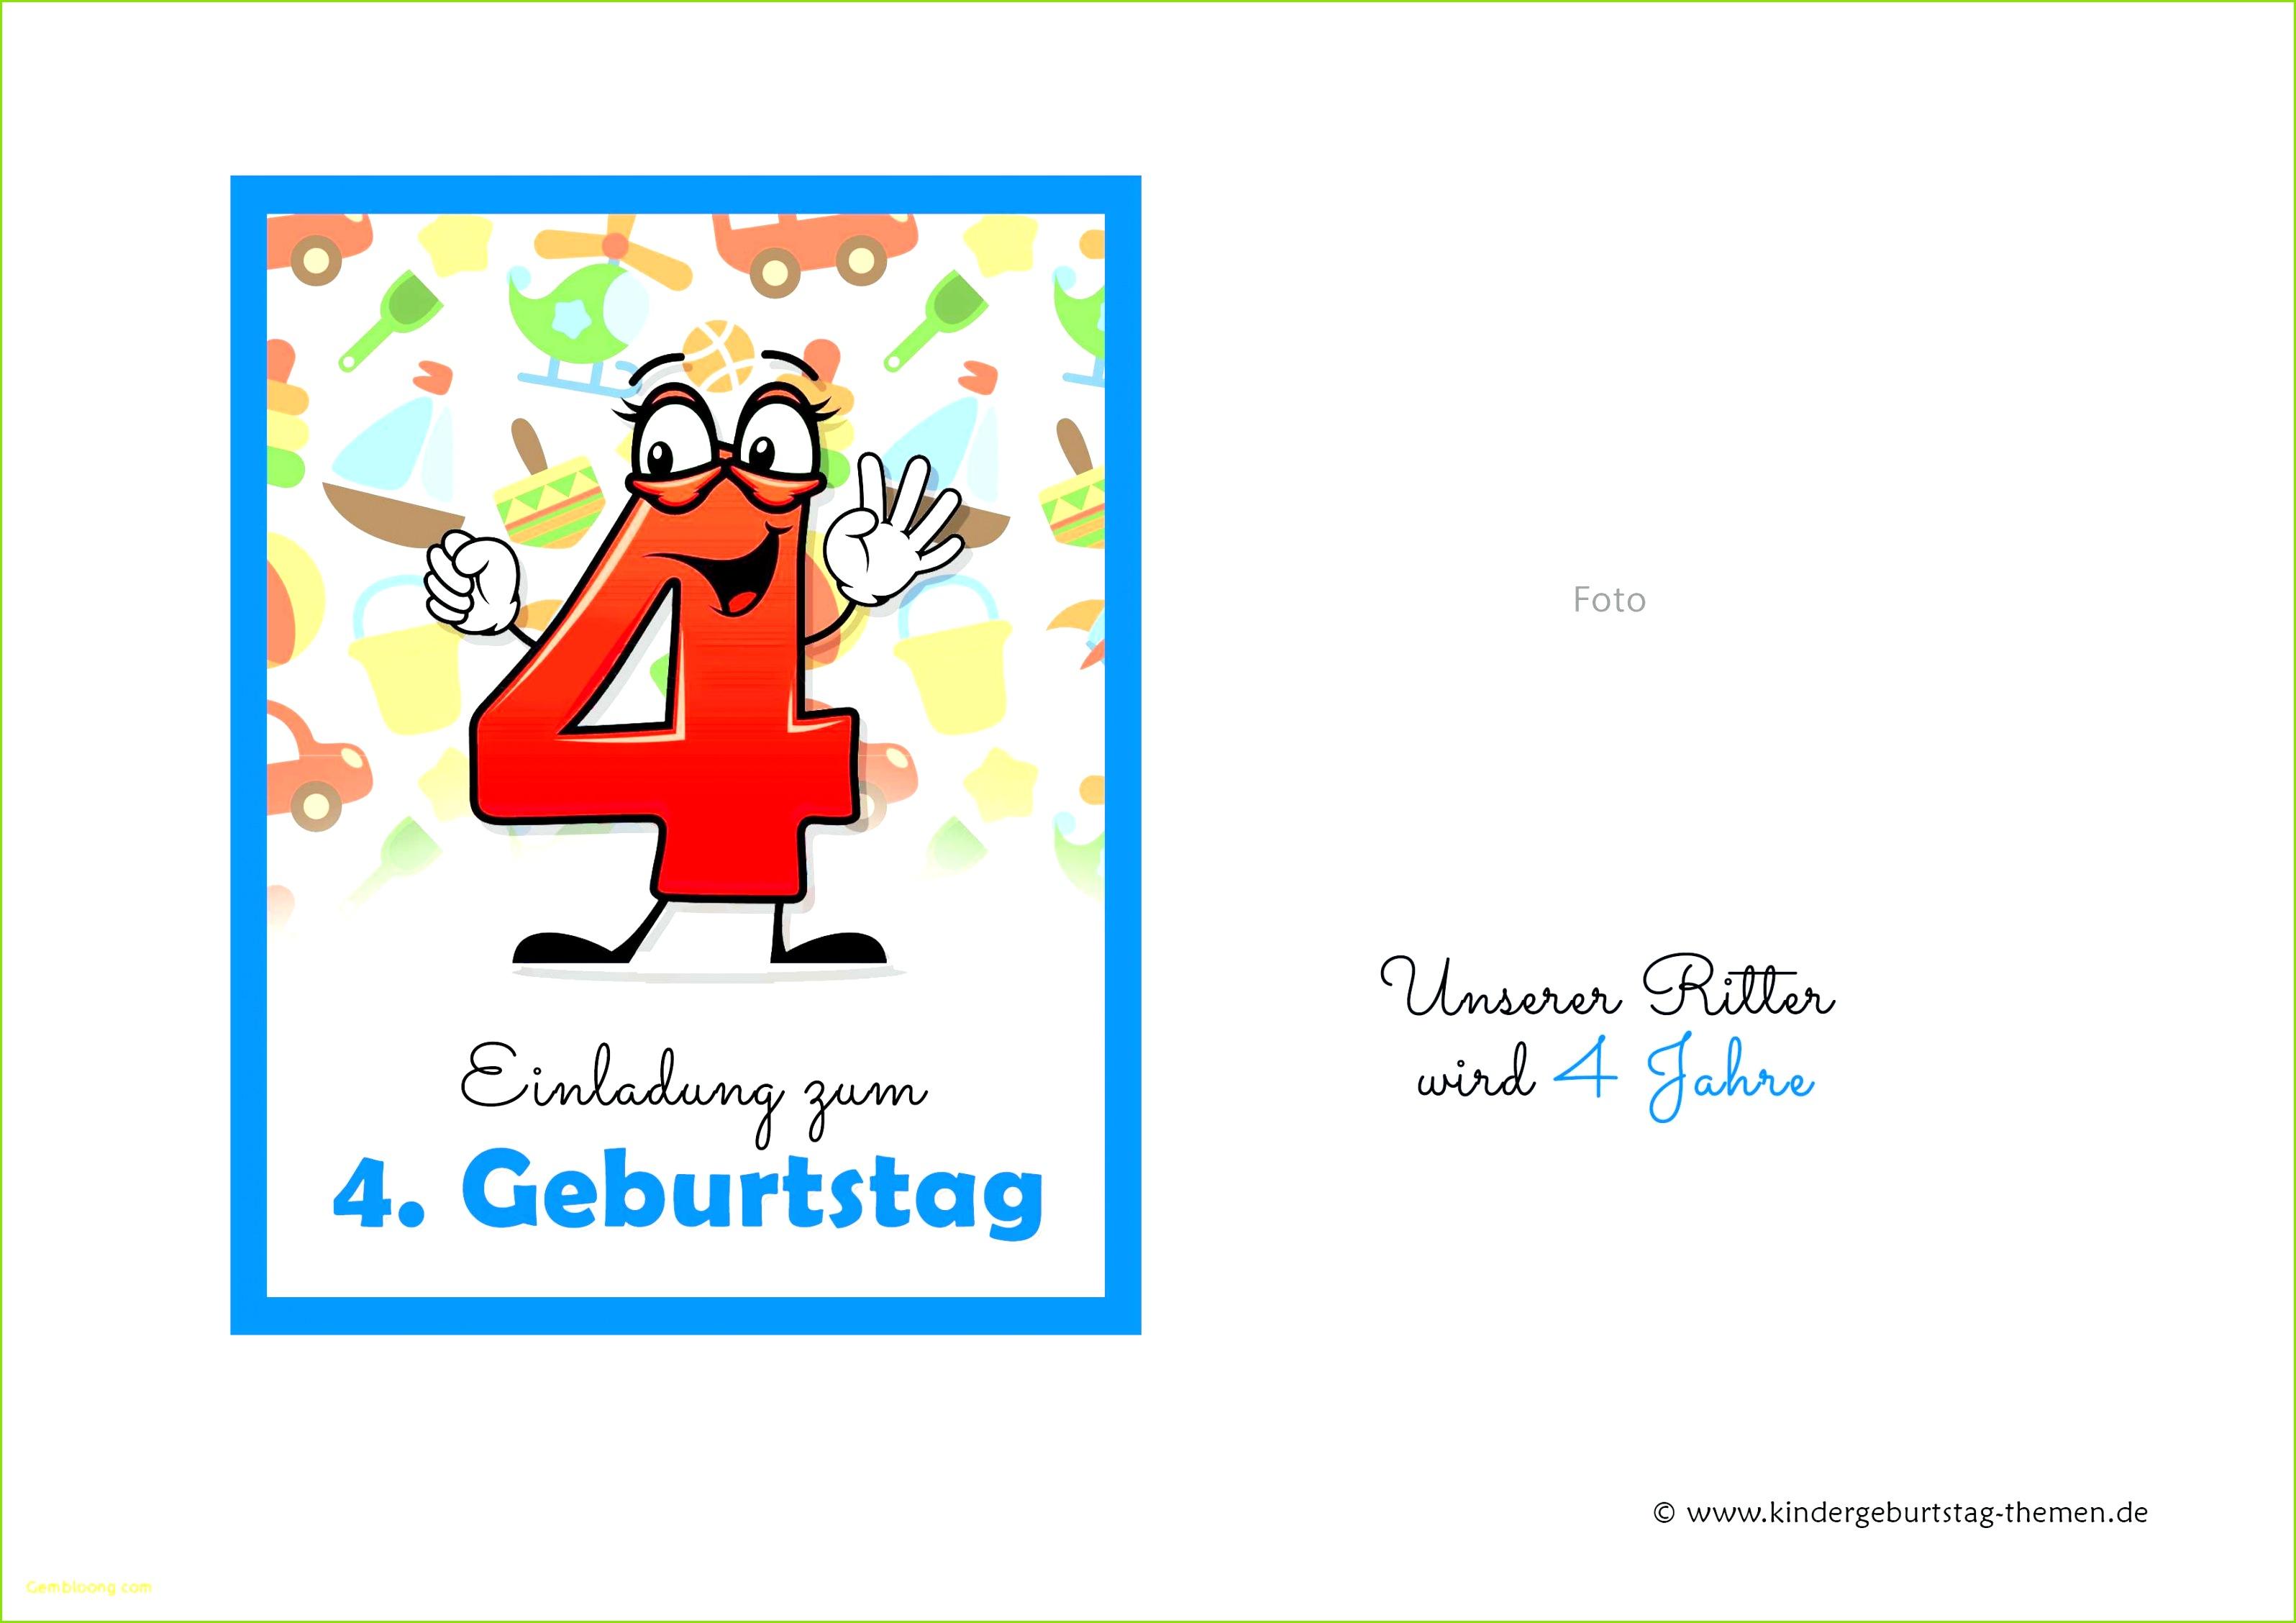 Einladung Zum 80 Geburtstag Muster Einladung Geburtstag 80 Geburtstag Einladungskarten Einladung Zum 80 Geburtstag